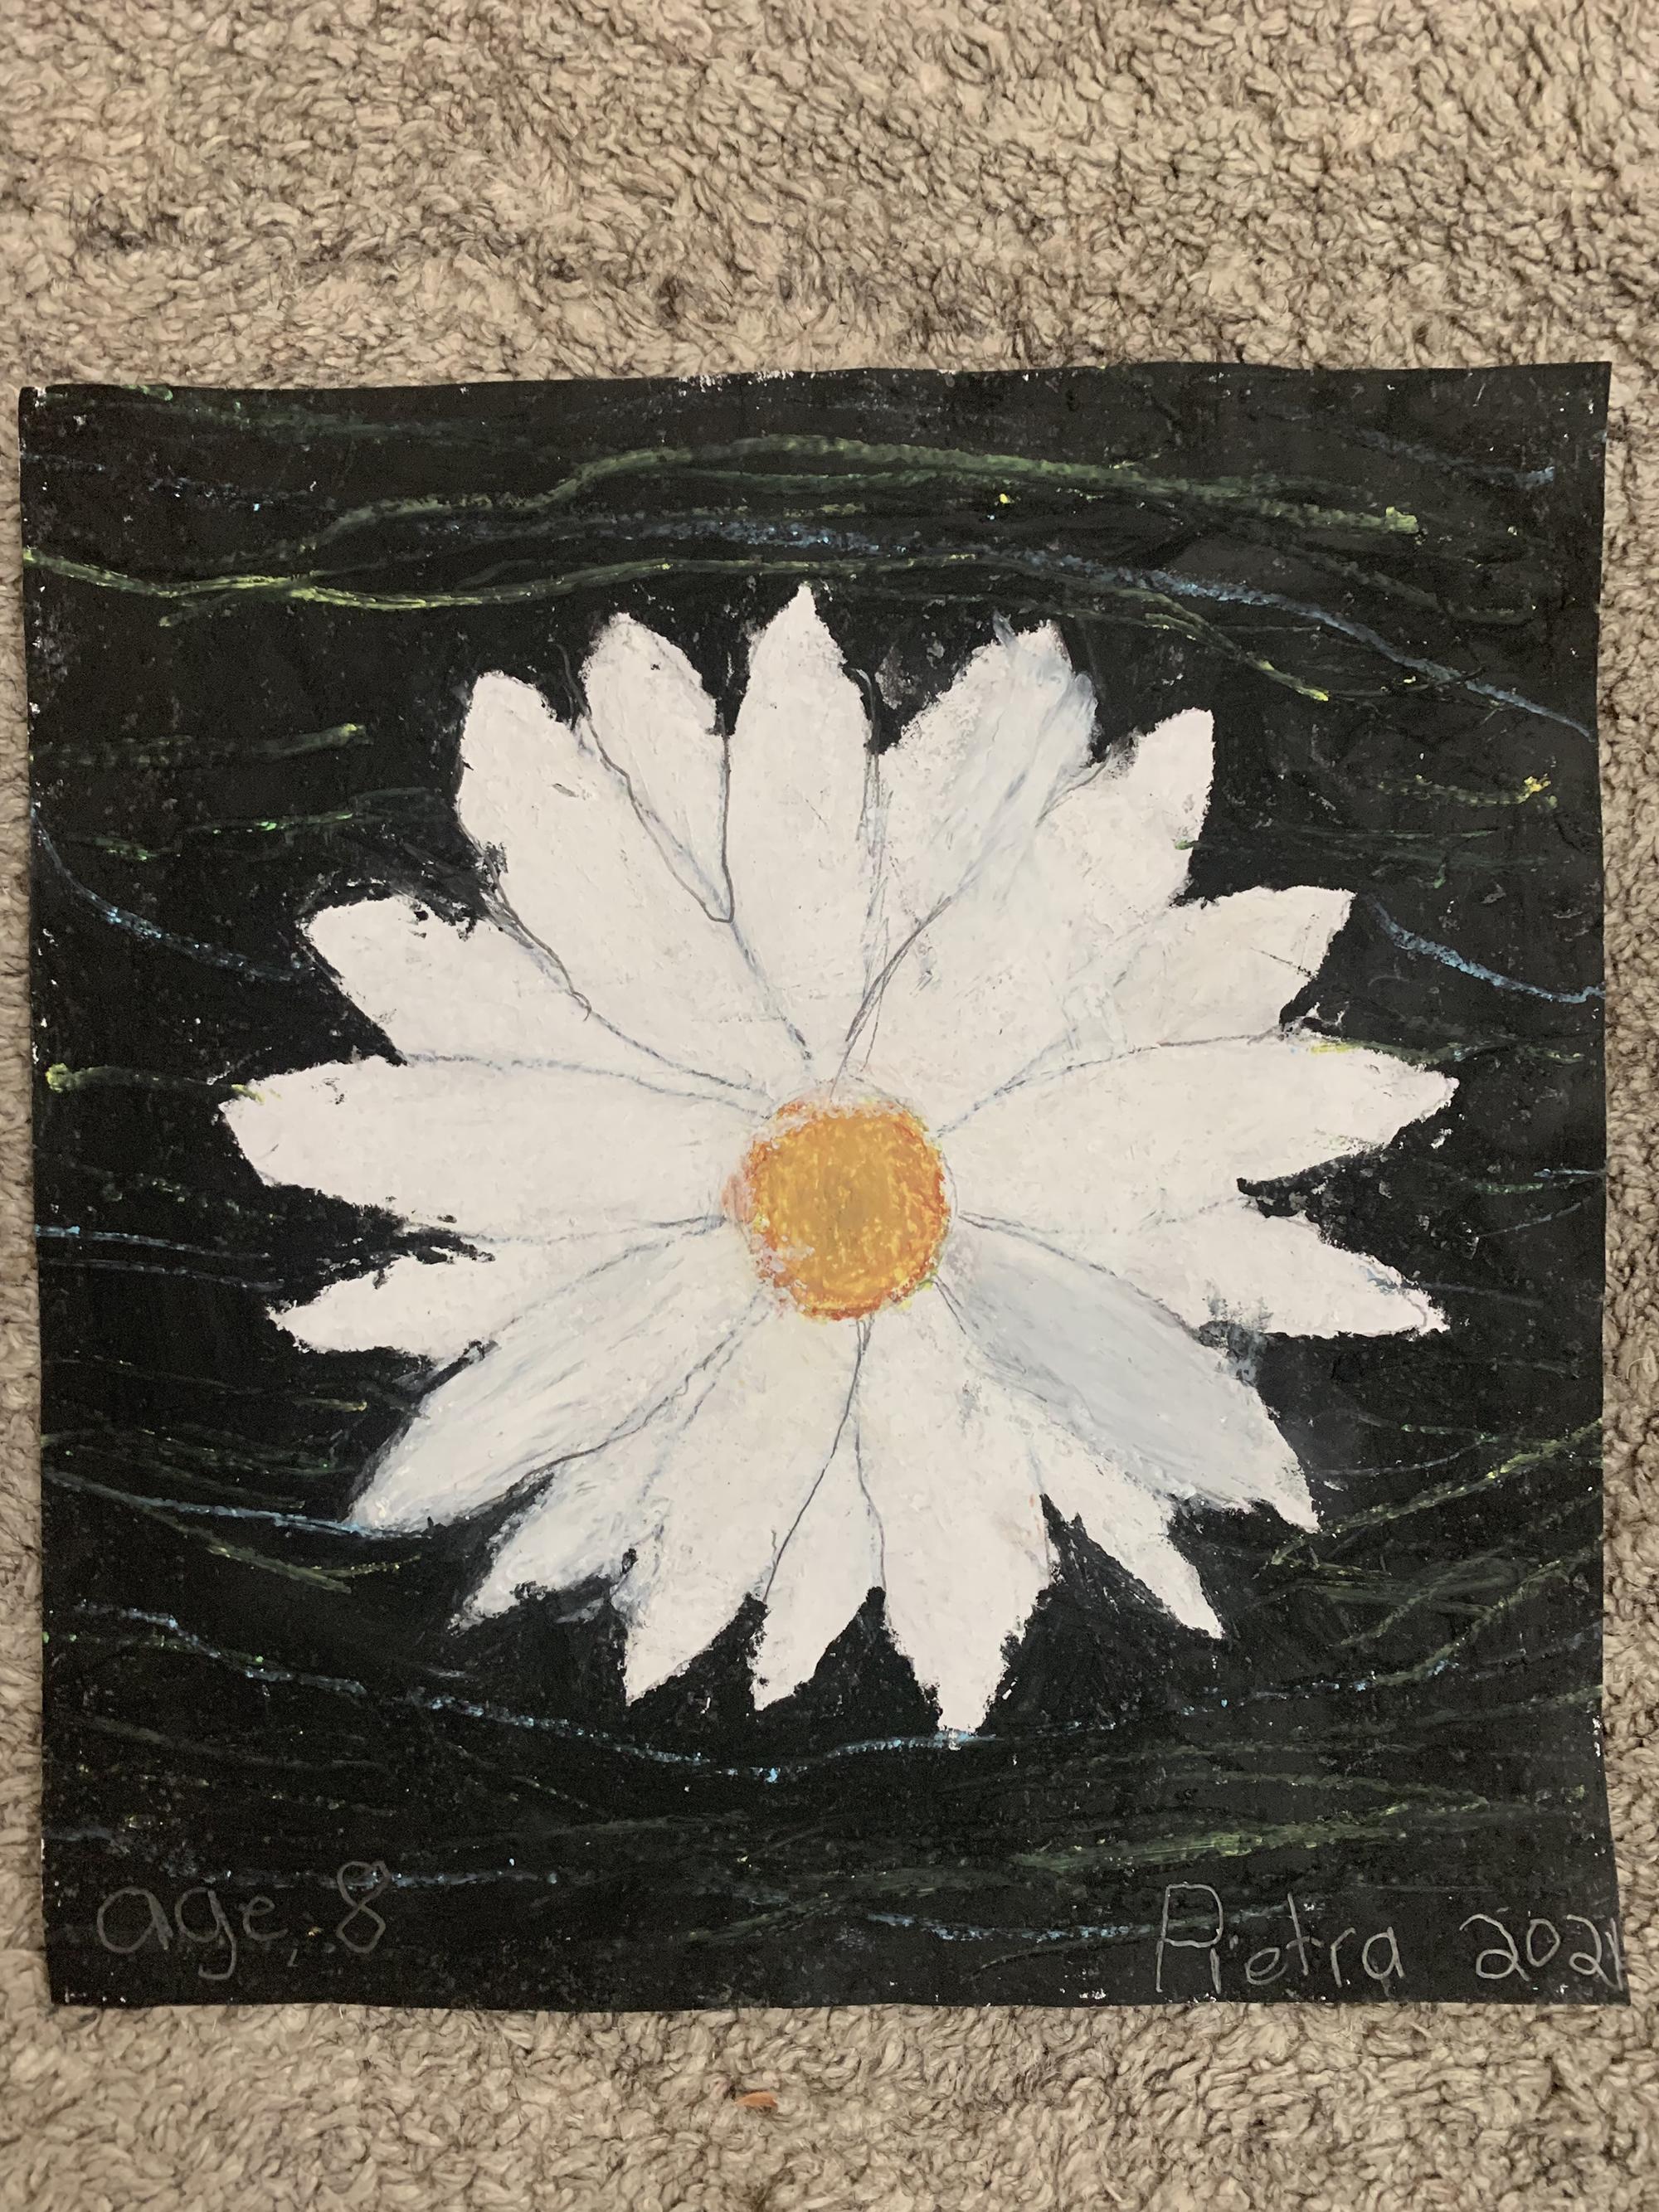 2nd. Pietra Boralli, White Flower